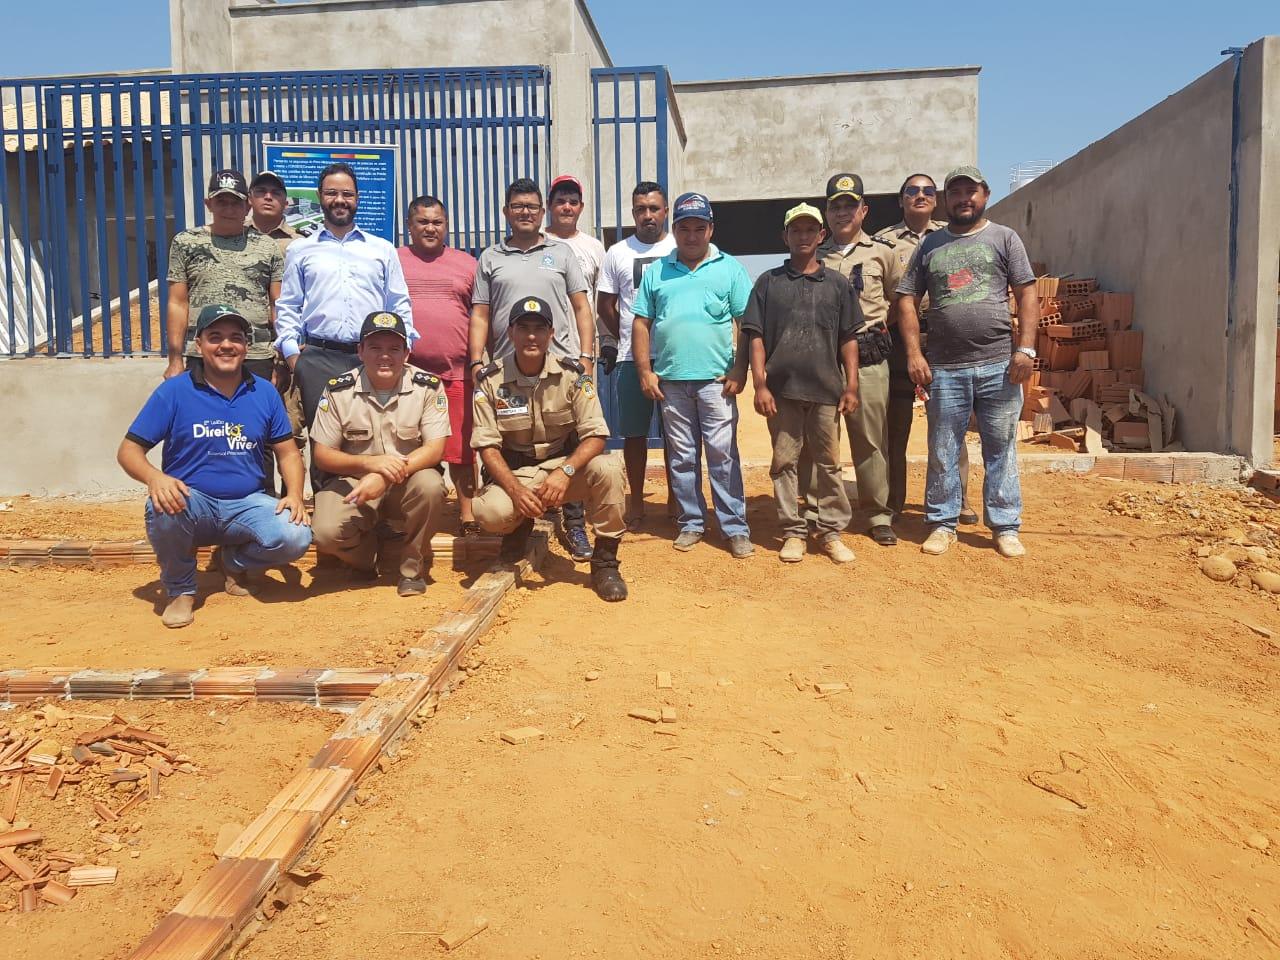 Judiciário, Polícia Militar e comunidade juntos na construção de mais segurança em Miranorte